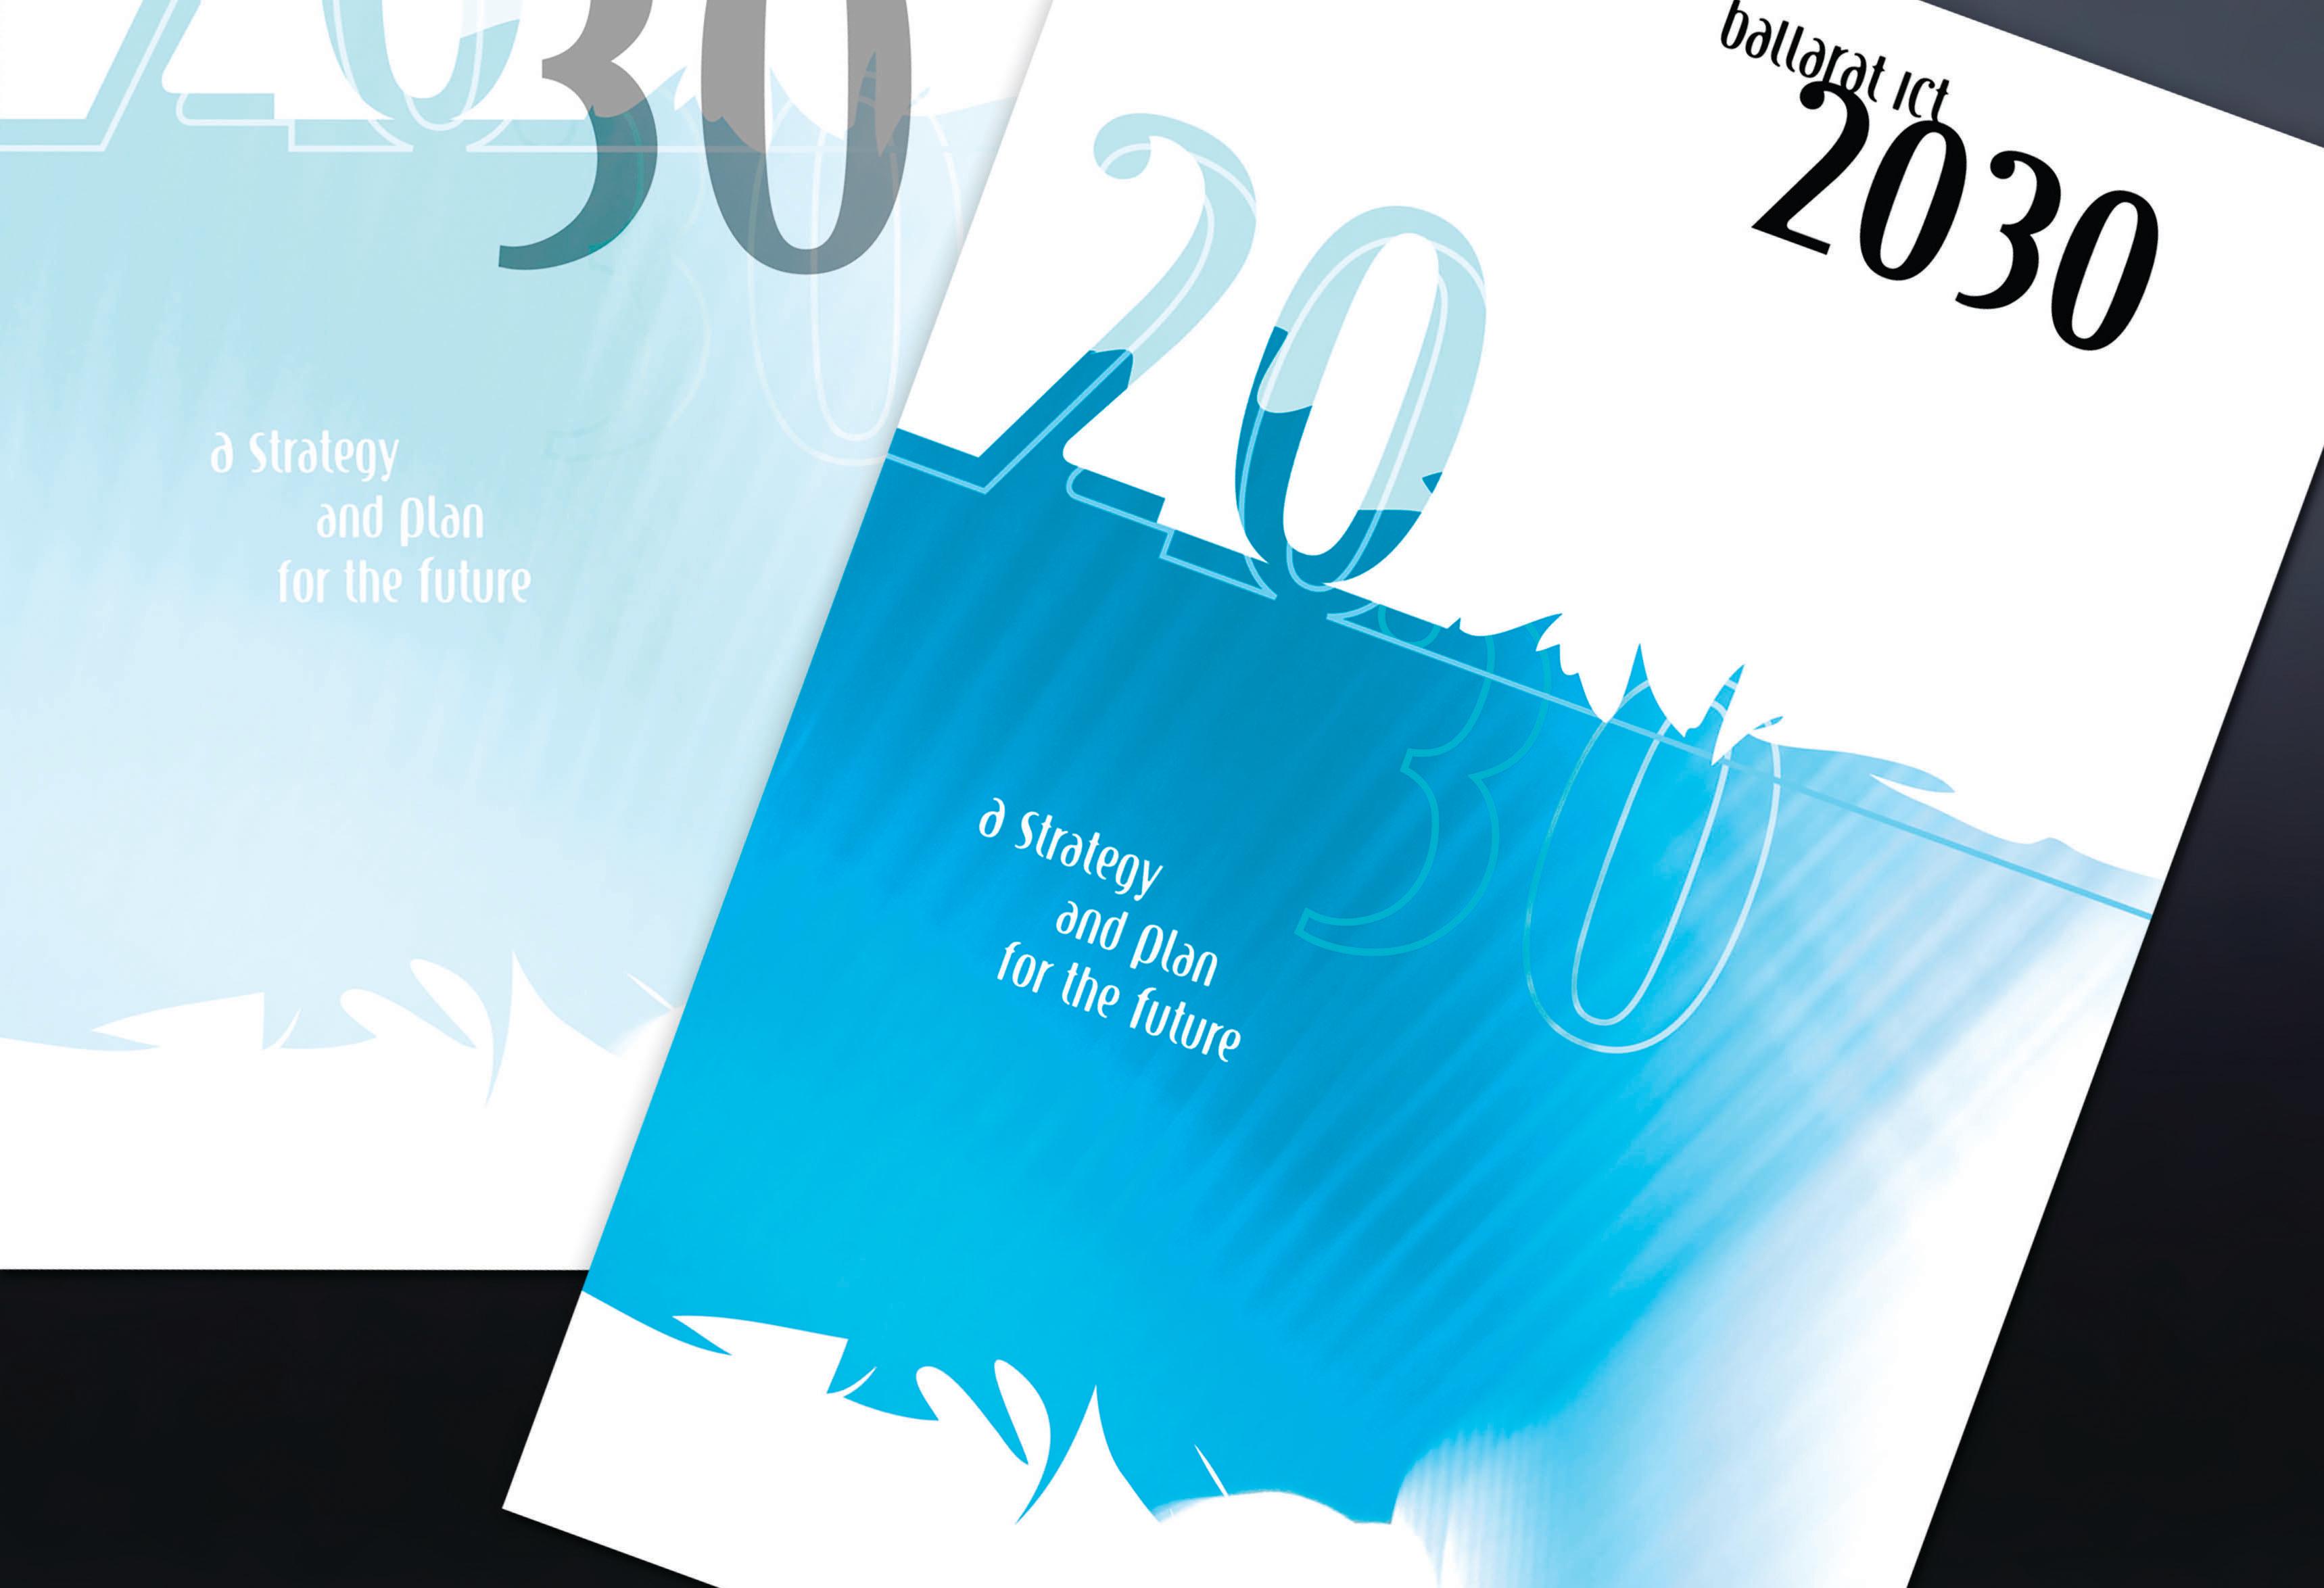 Ballarat ICT 2030